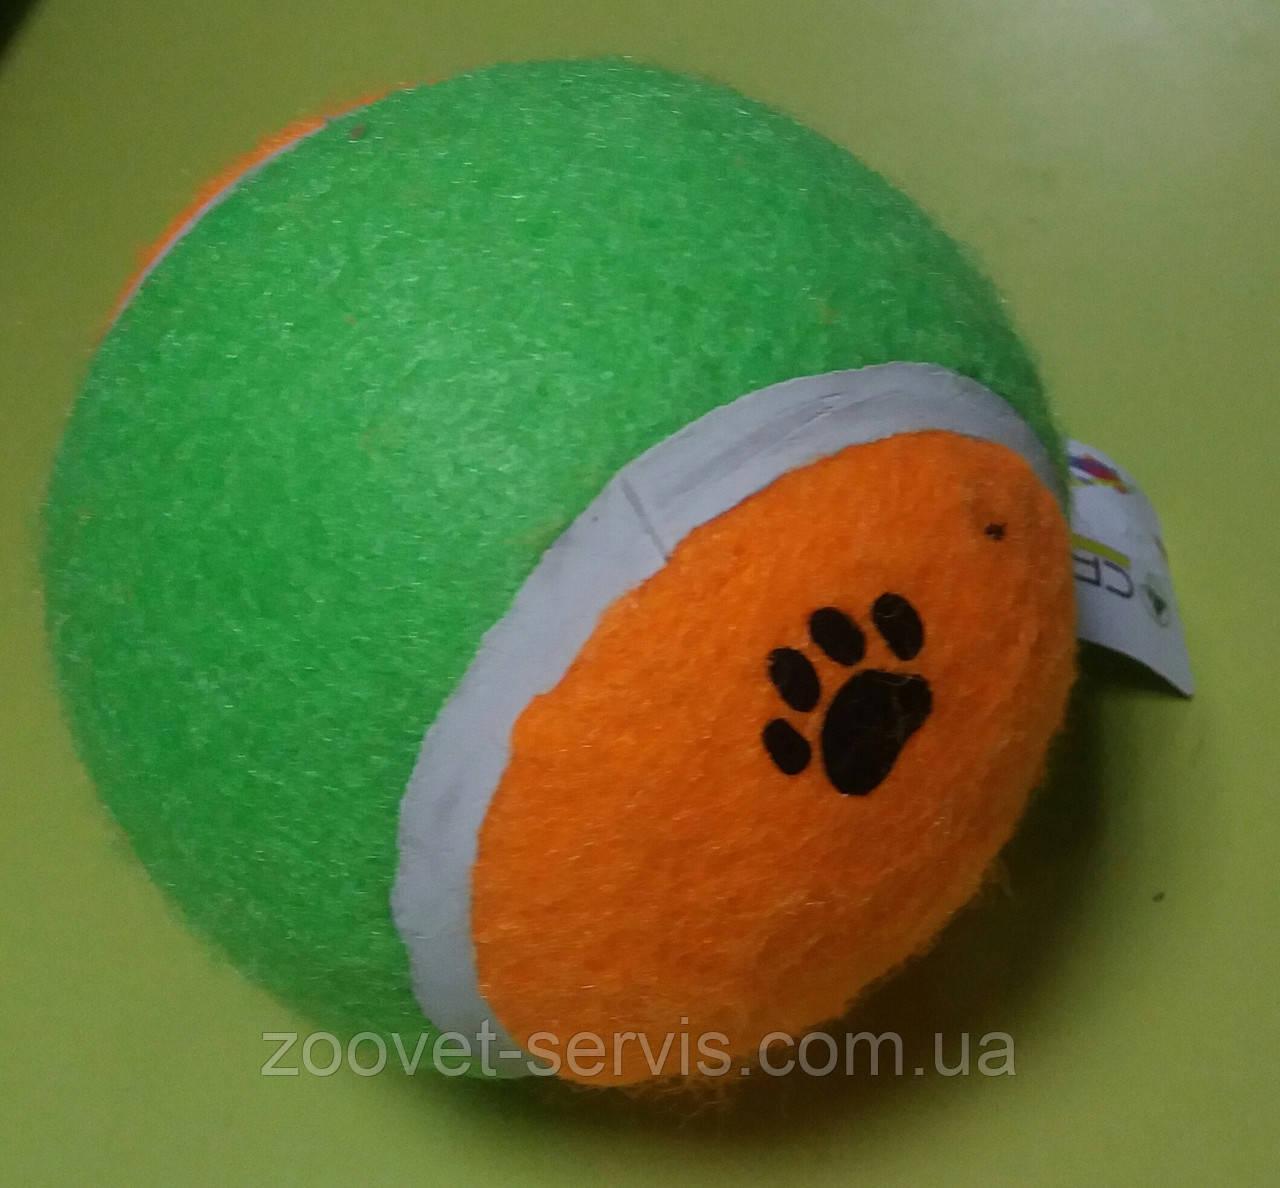 Игрушка для собак мяч теннисный диаметр 10 смC6098487